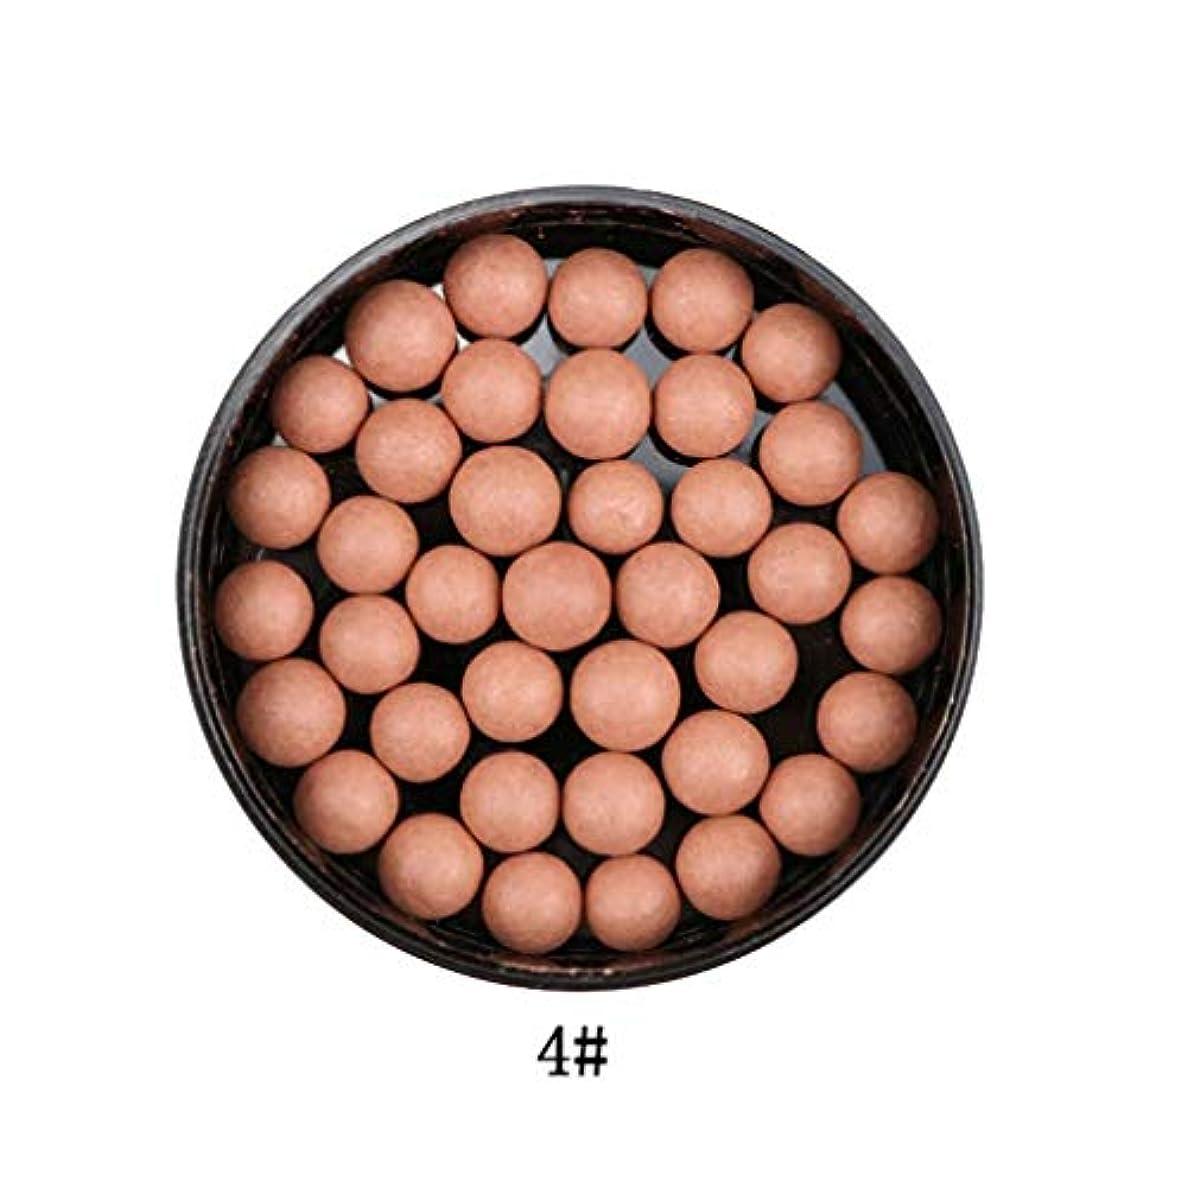 3では1ポータブルブラッシュロングラスティング顔料マットナチュラルフェイスブラッシュボールオイルコントロール輪郭ブラッシュブロンザー